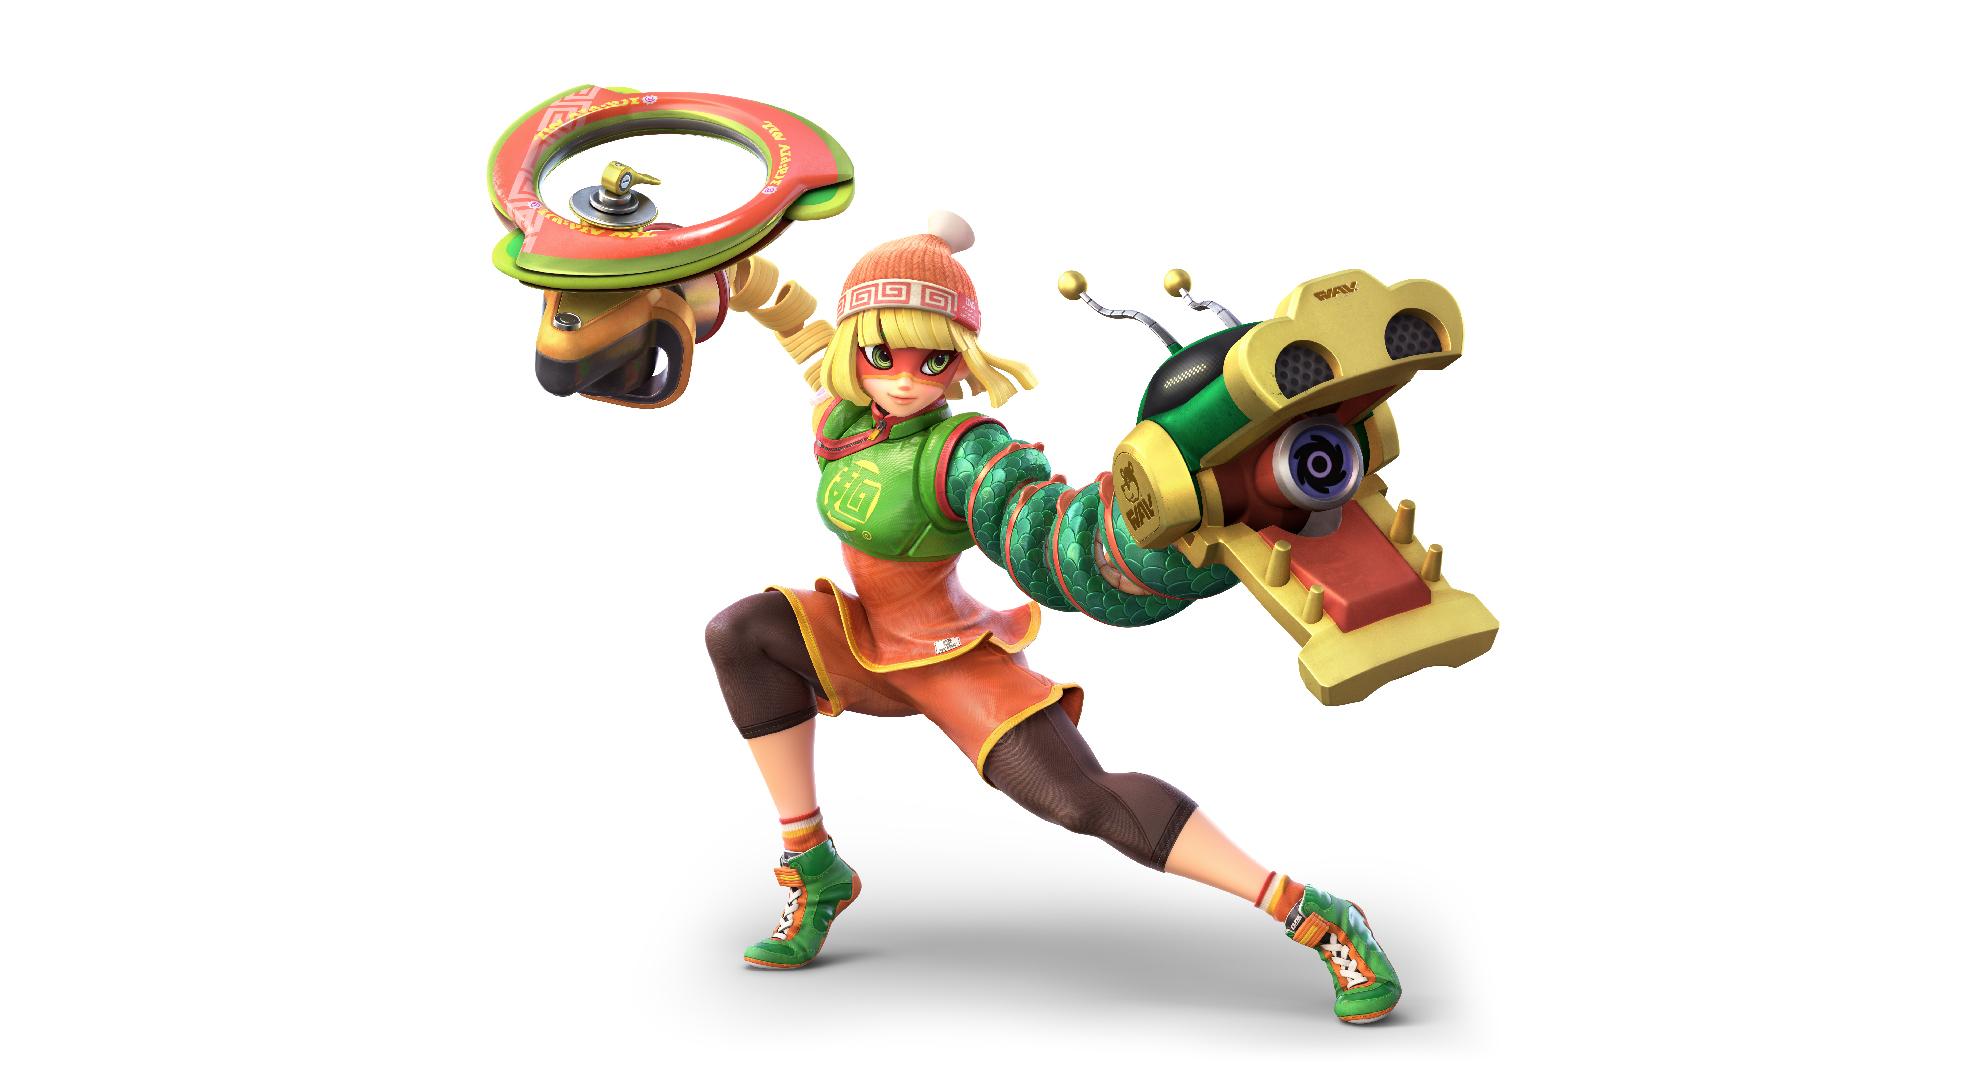 ¡Min Min será uno de los nuevos personajes en 'Super Smash Bros. Ultimate'!